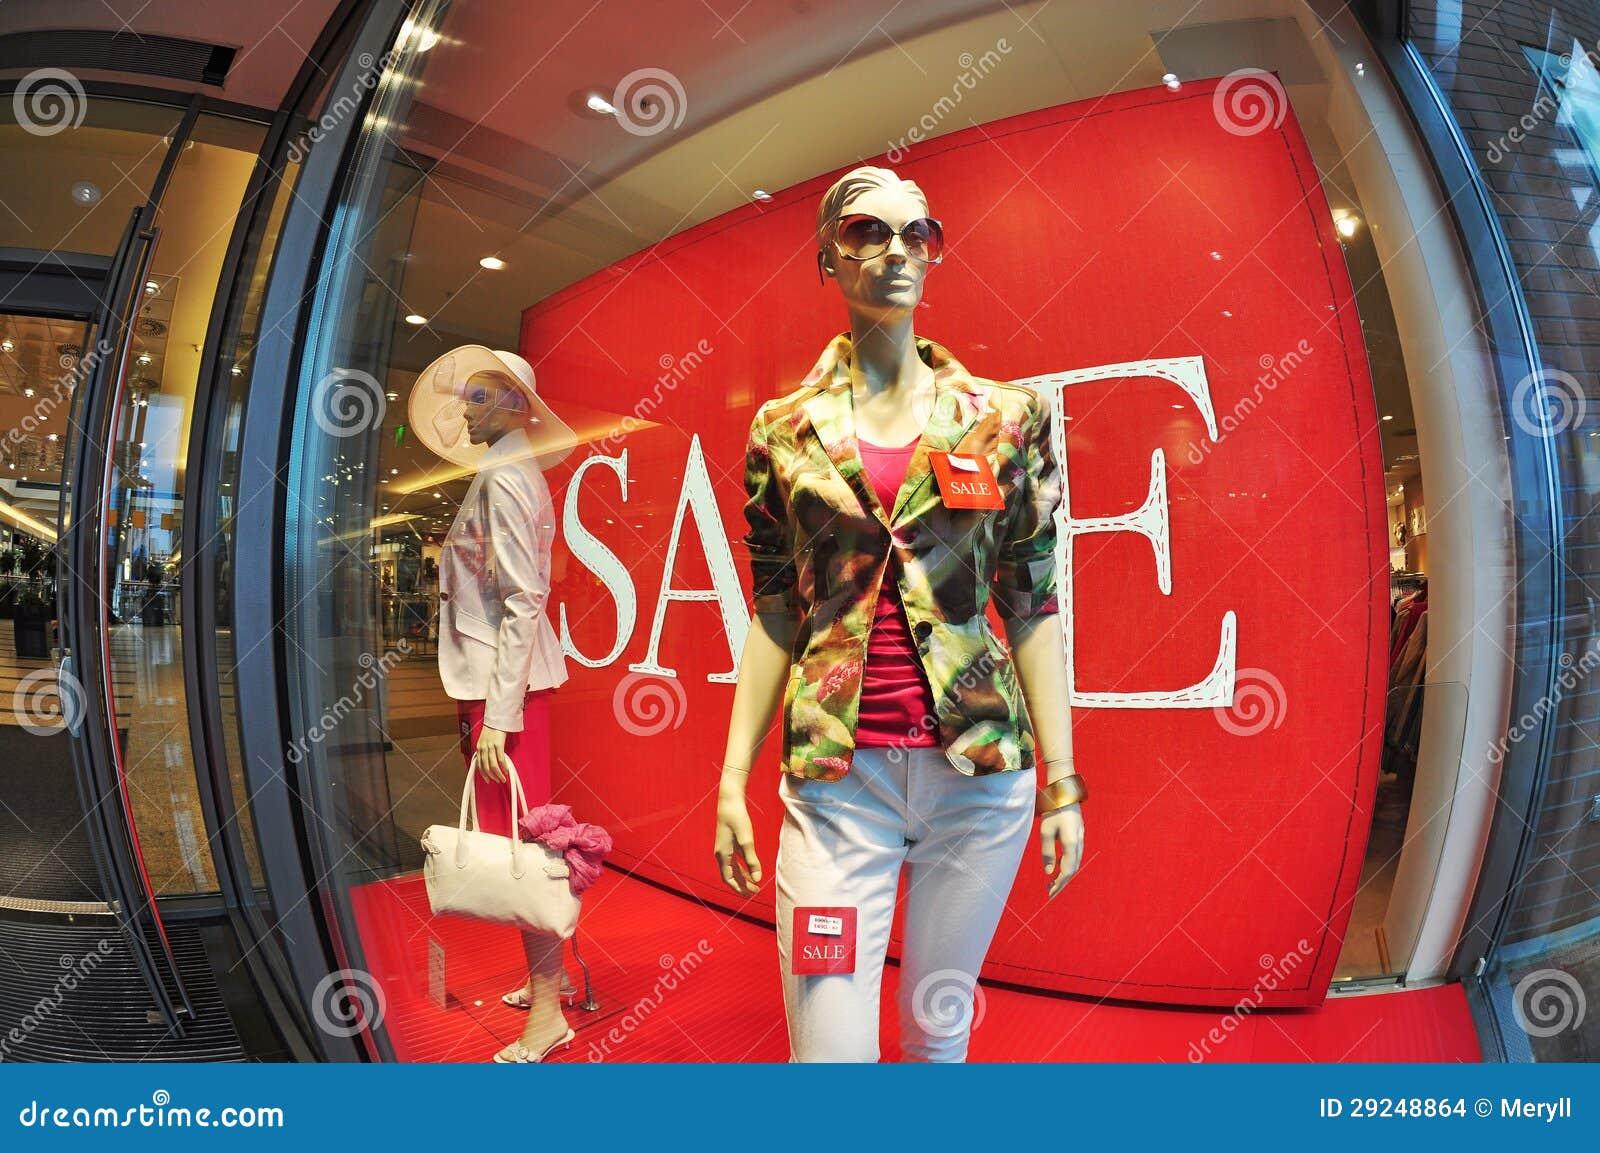 Download Fundo da compra da venda foto de stock. Imagem de storehouse - 29248864